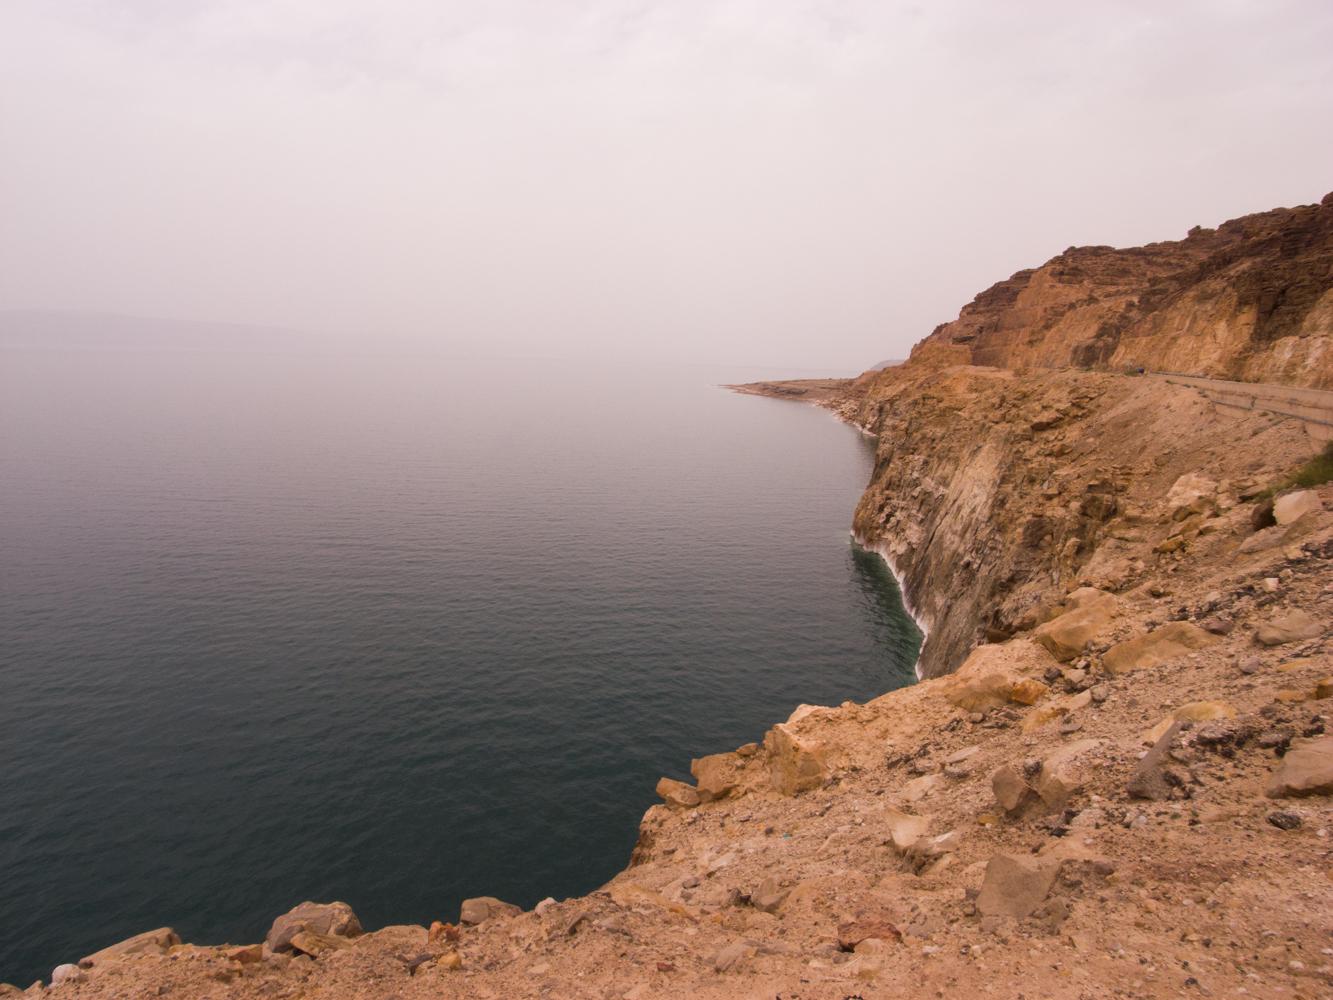 Jordanien_Petra_Wadi_rum_Totes Meer